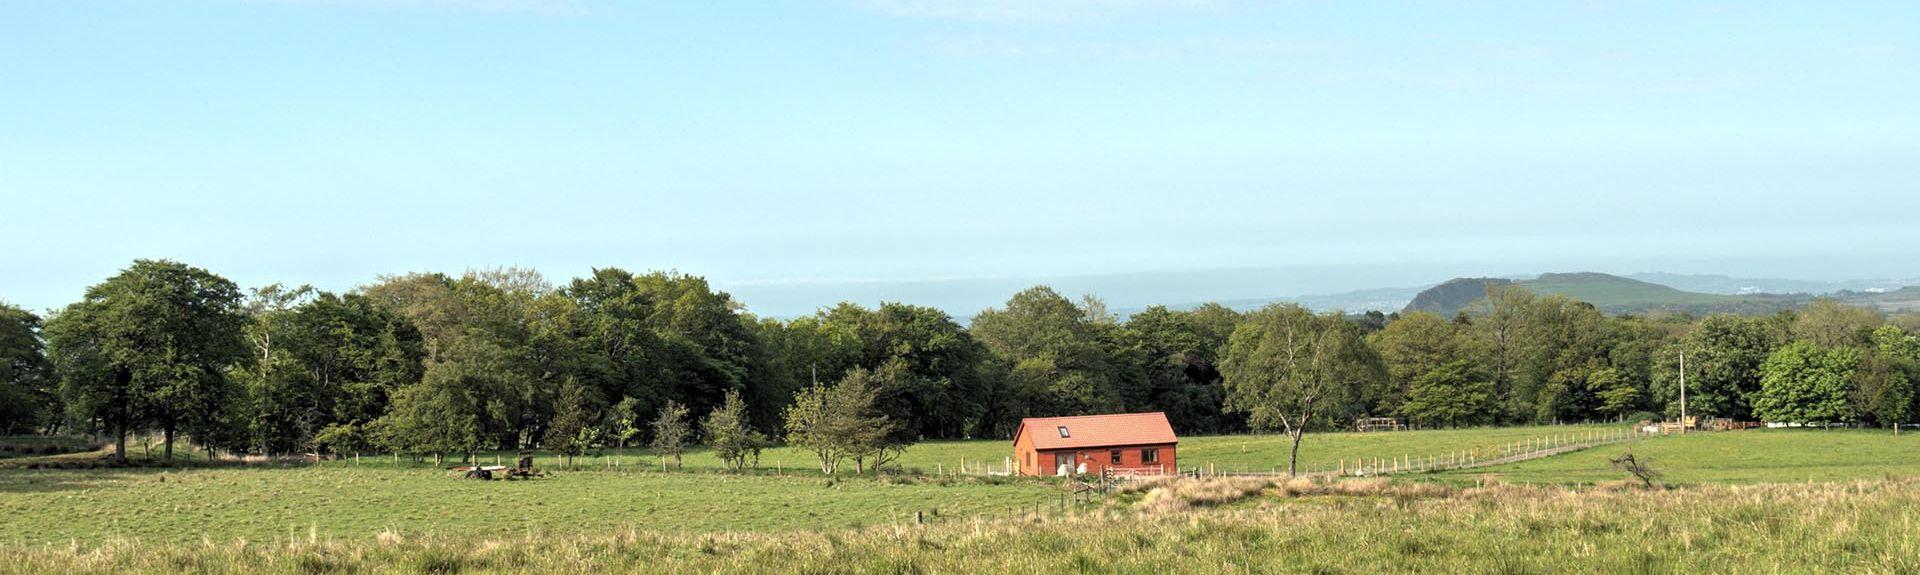 East Whitburn, Bathgate, West Lothian, UK